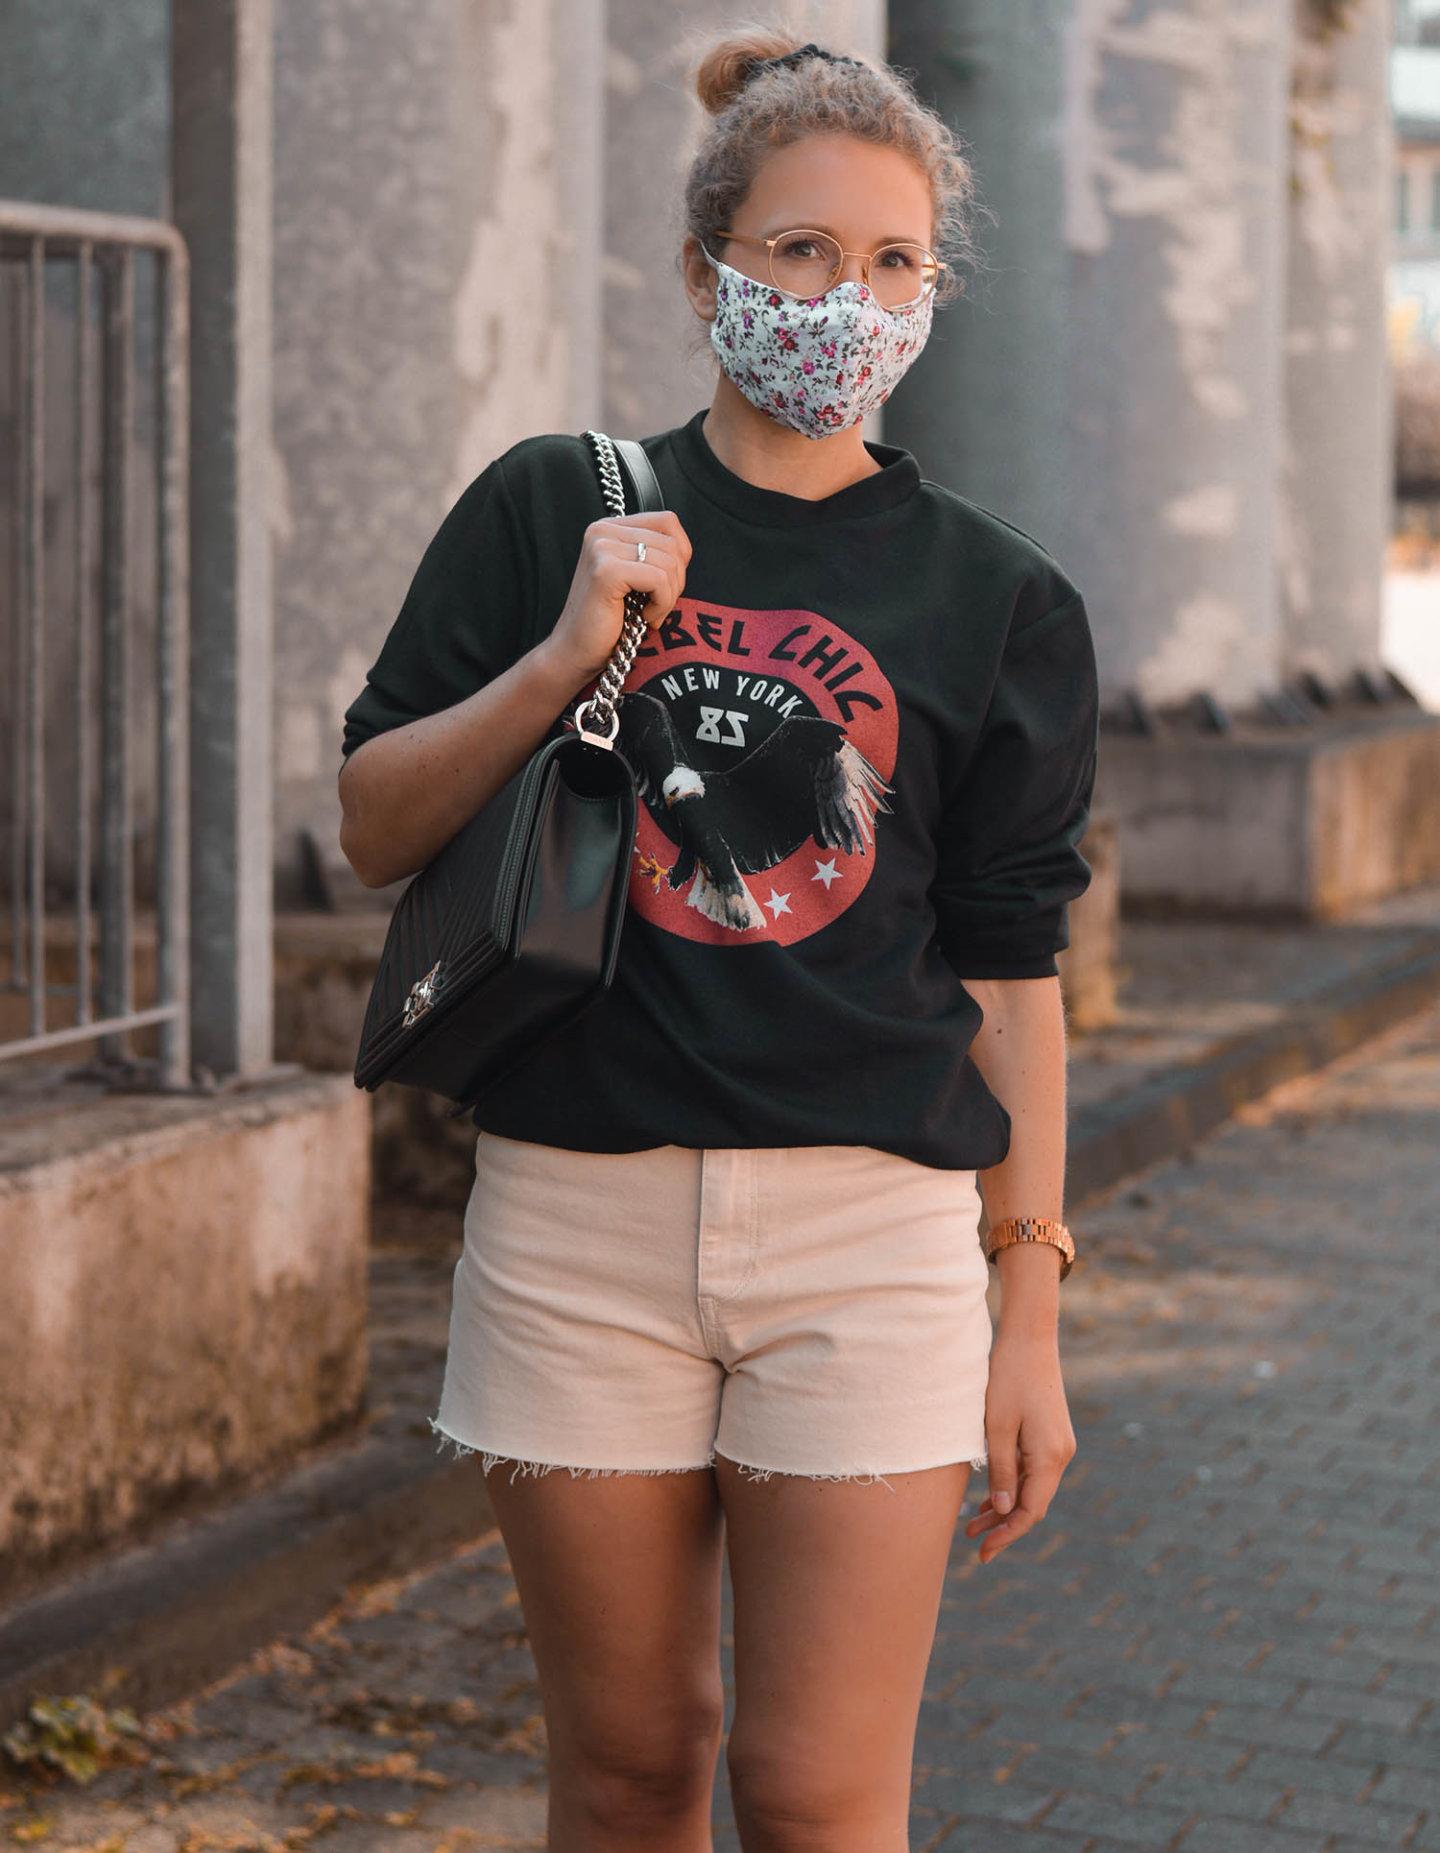 mund-nasen-schutz als fashion-accessoire in corona-krise